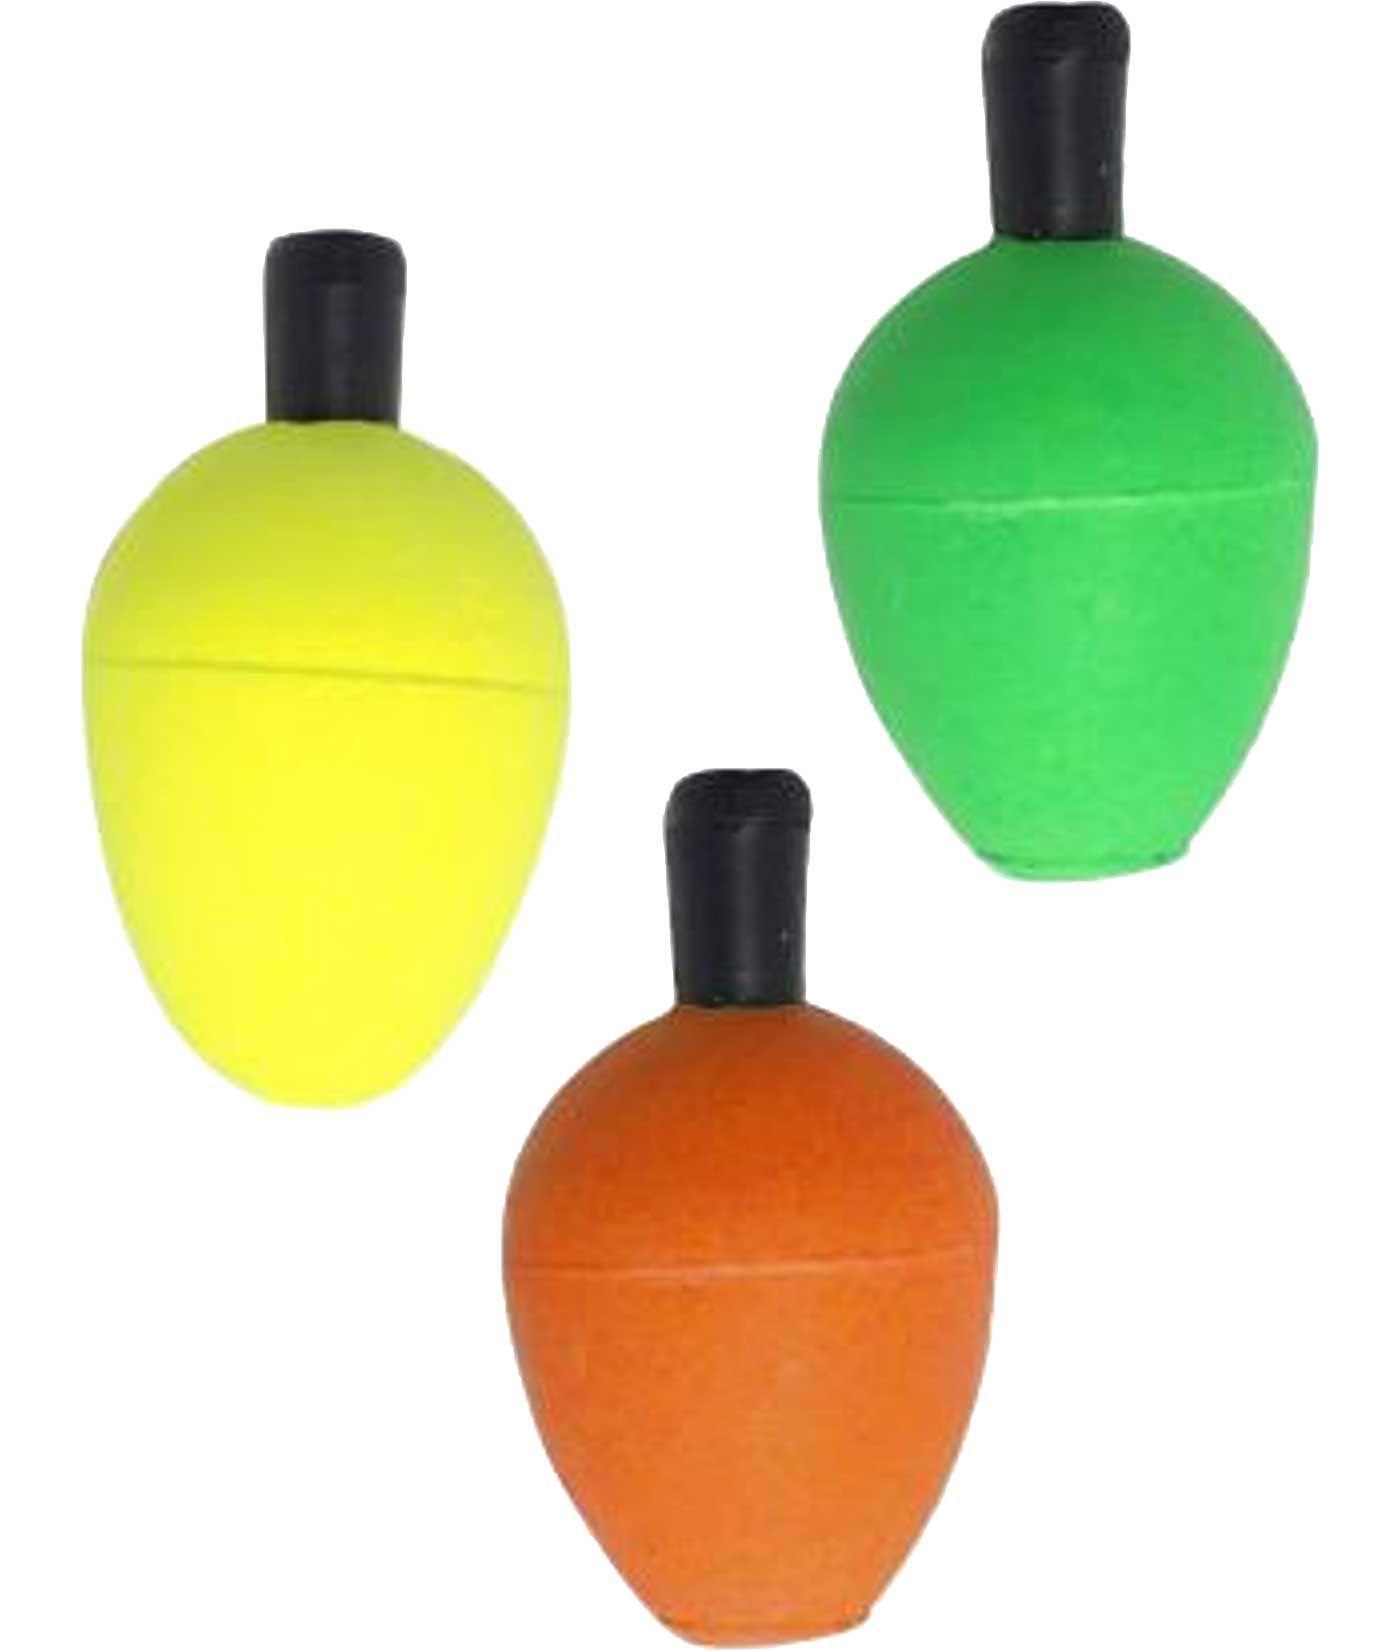 Leland's Trout Magnet E-Z Trout Float Assortment Pack